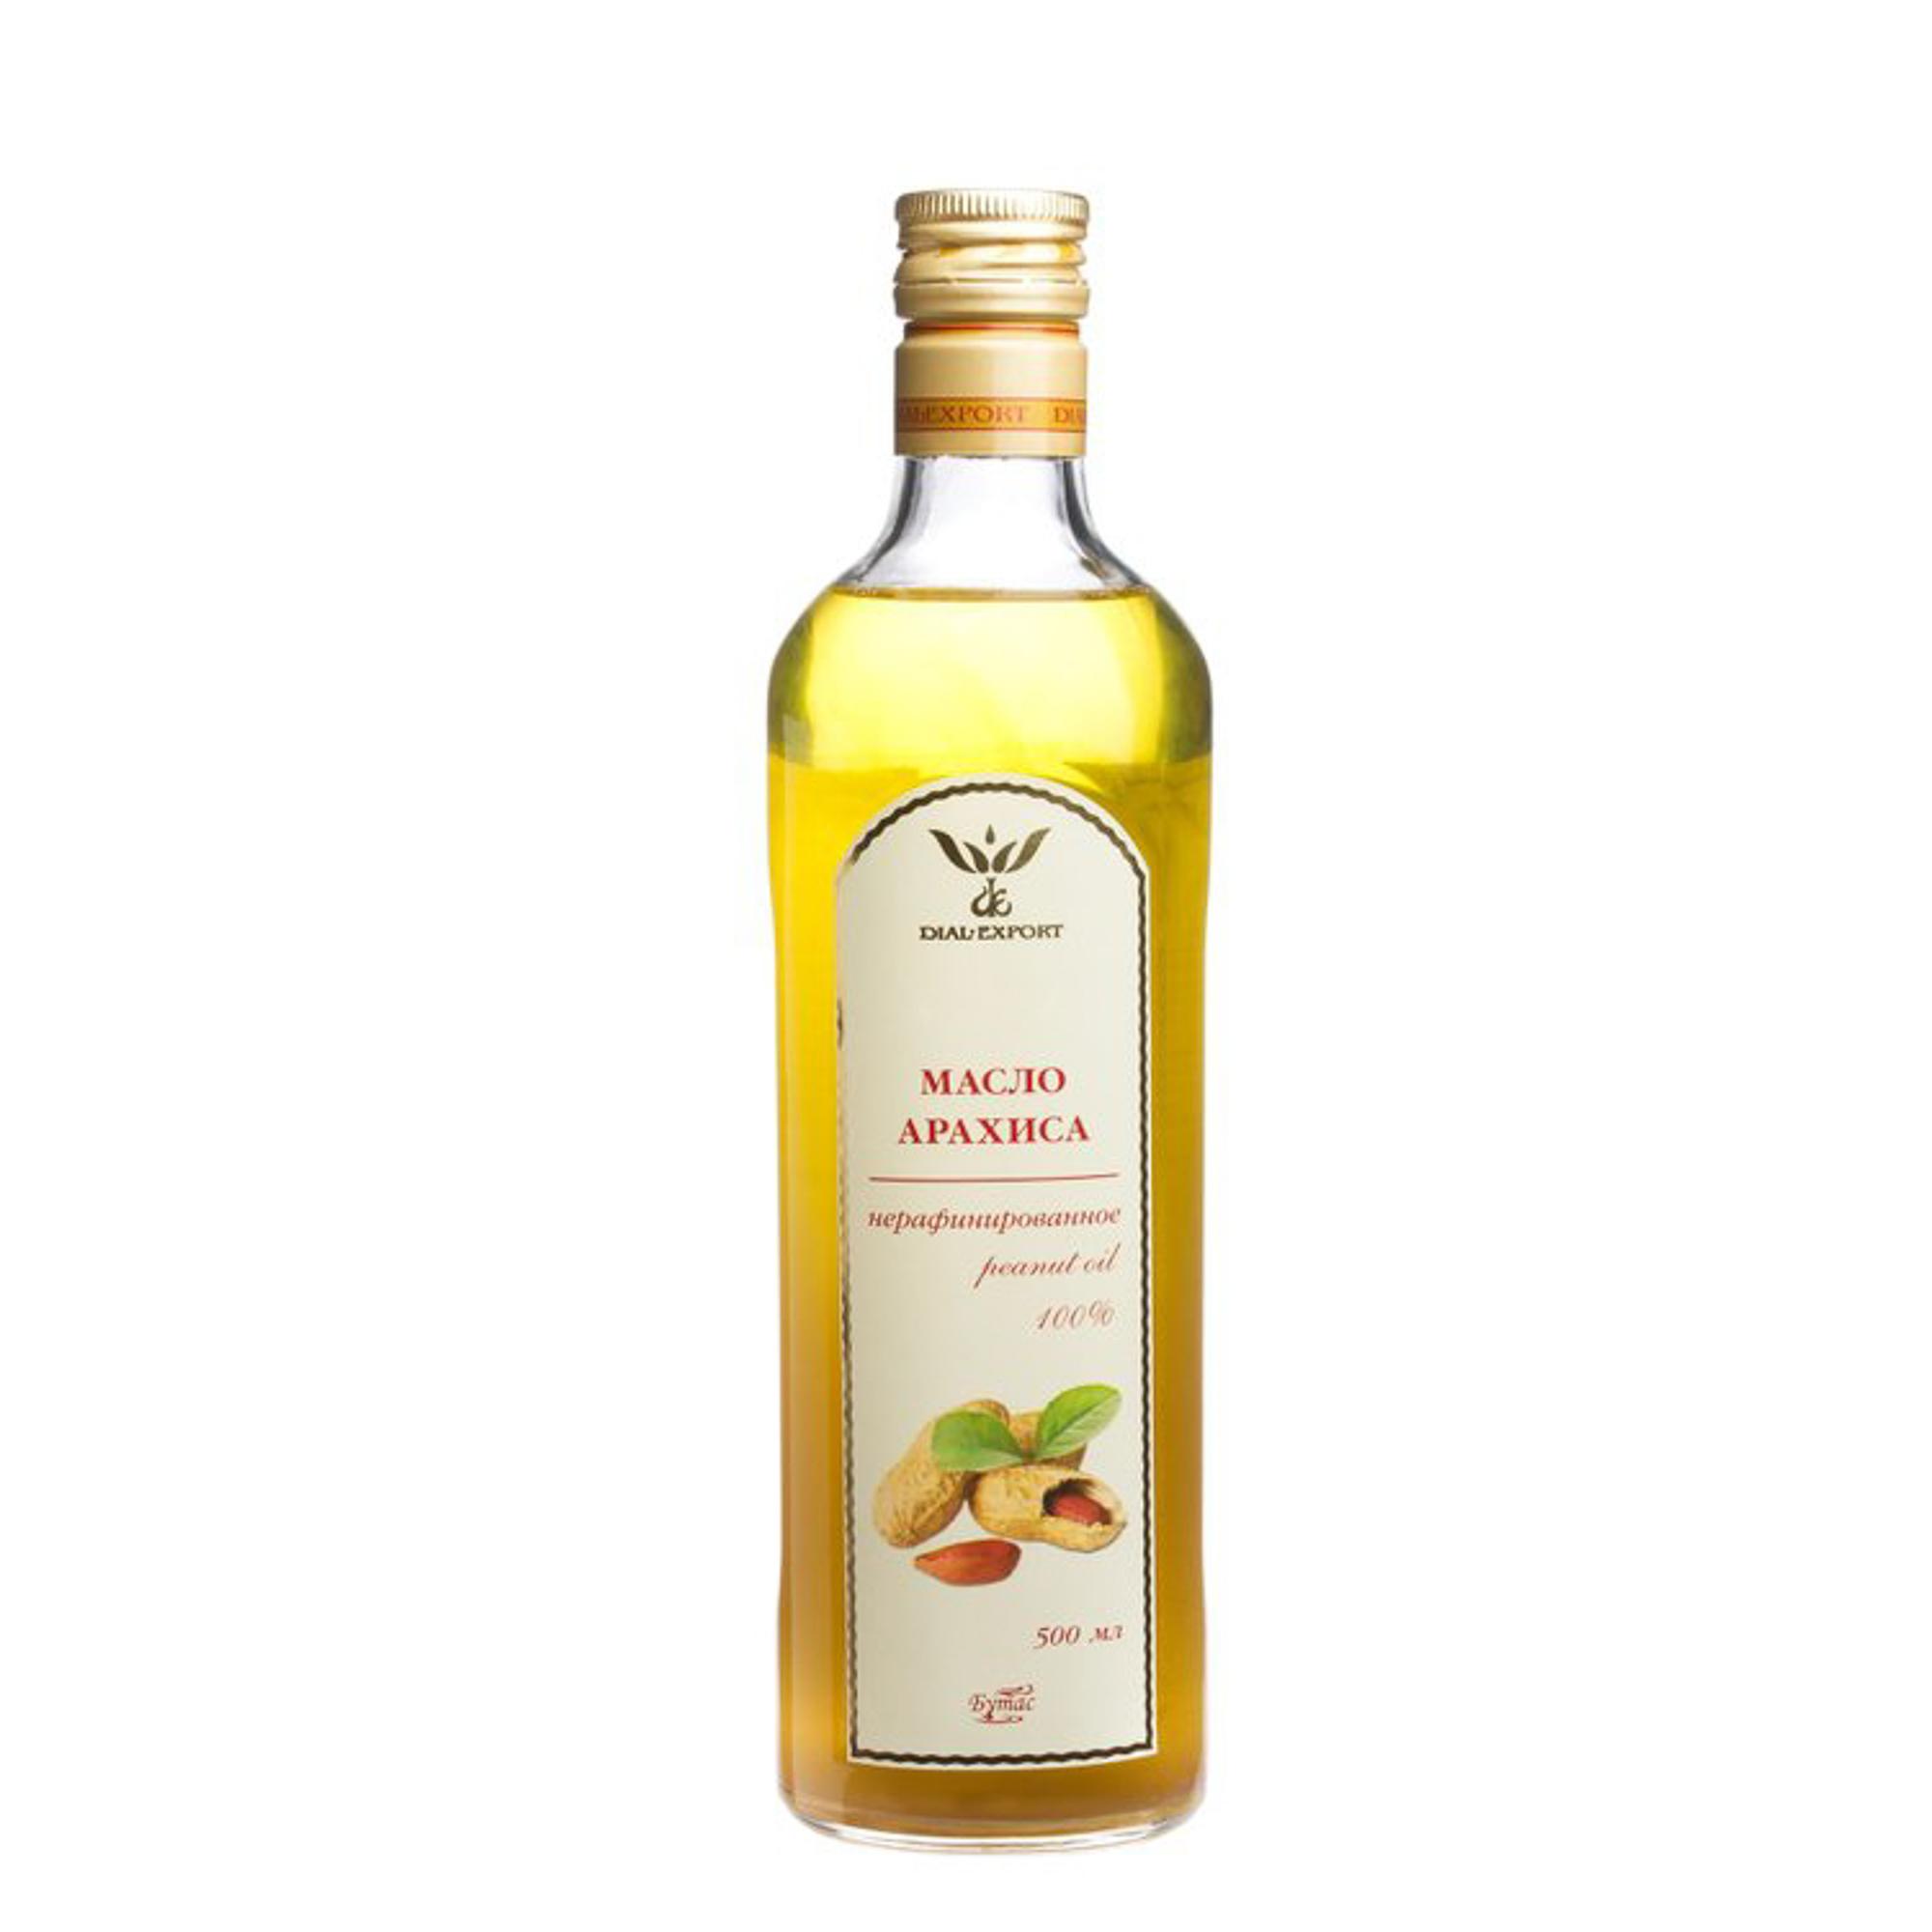 Арахисовое масло DIAL-EXPORT 500 мл недорого